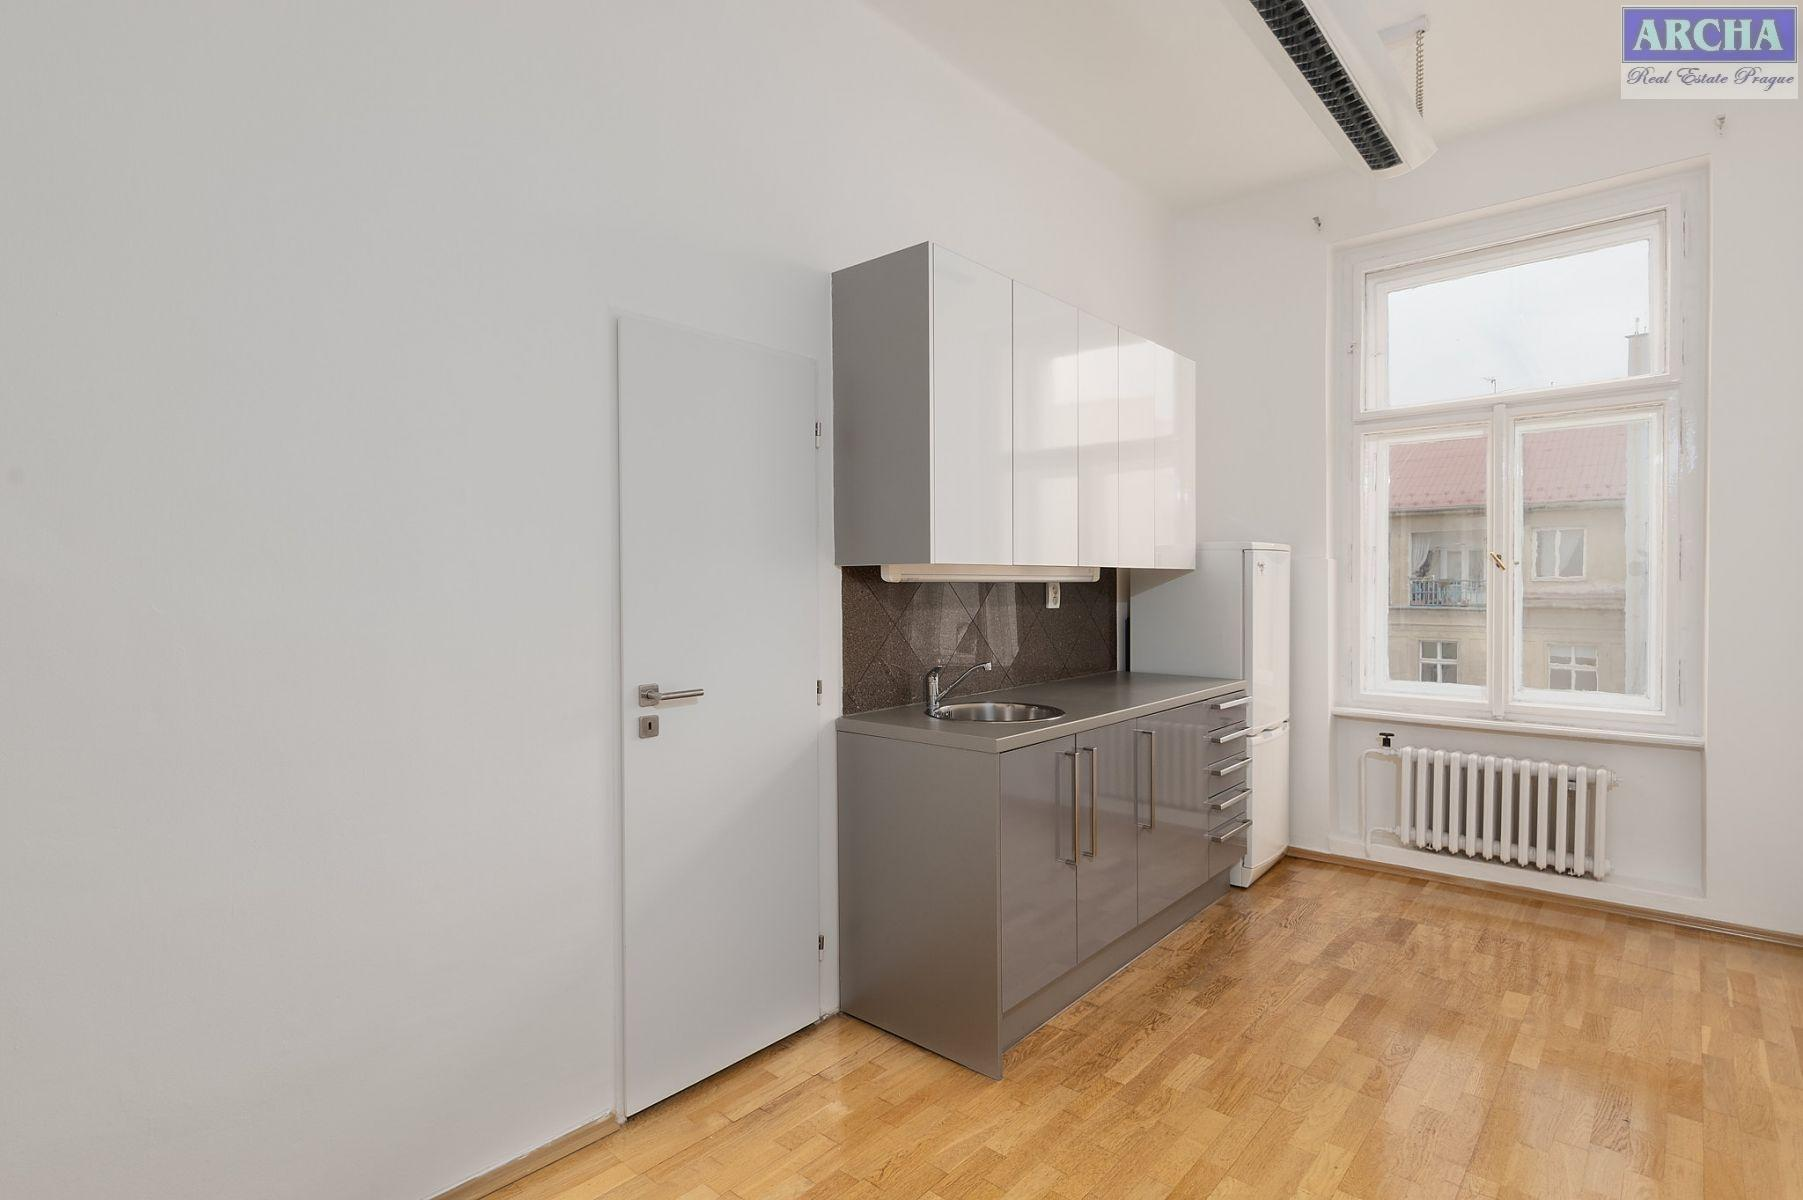 Nájem  kanceláří 74 m2, 1. patro, Malá Štěpánská, Praha 2 Nové Město